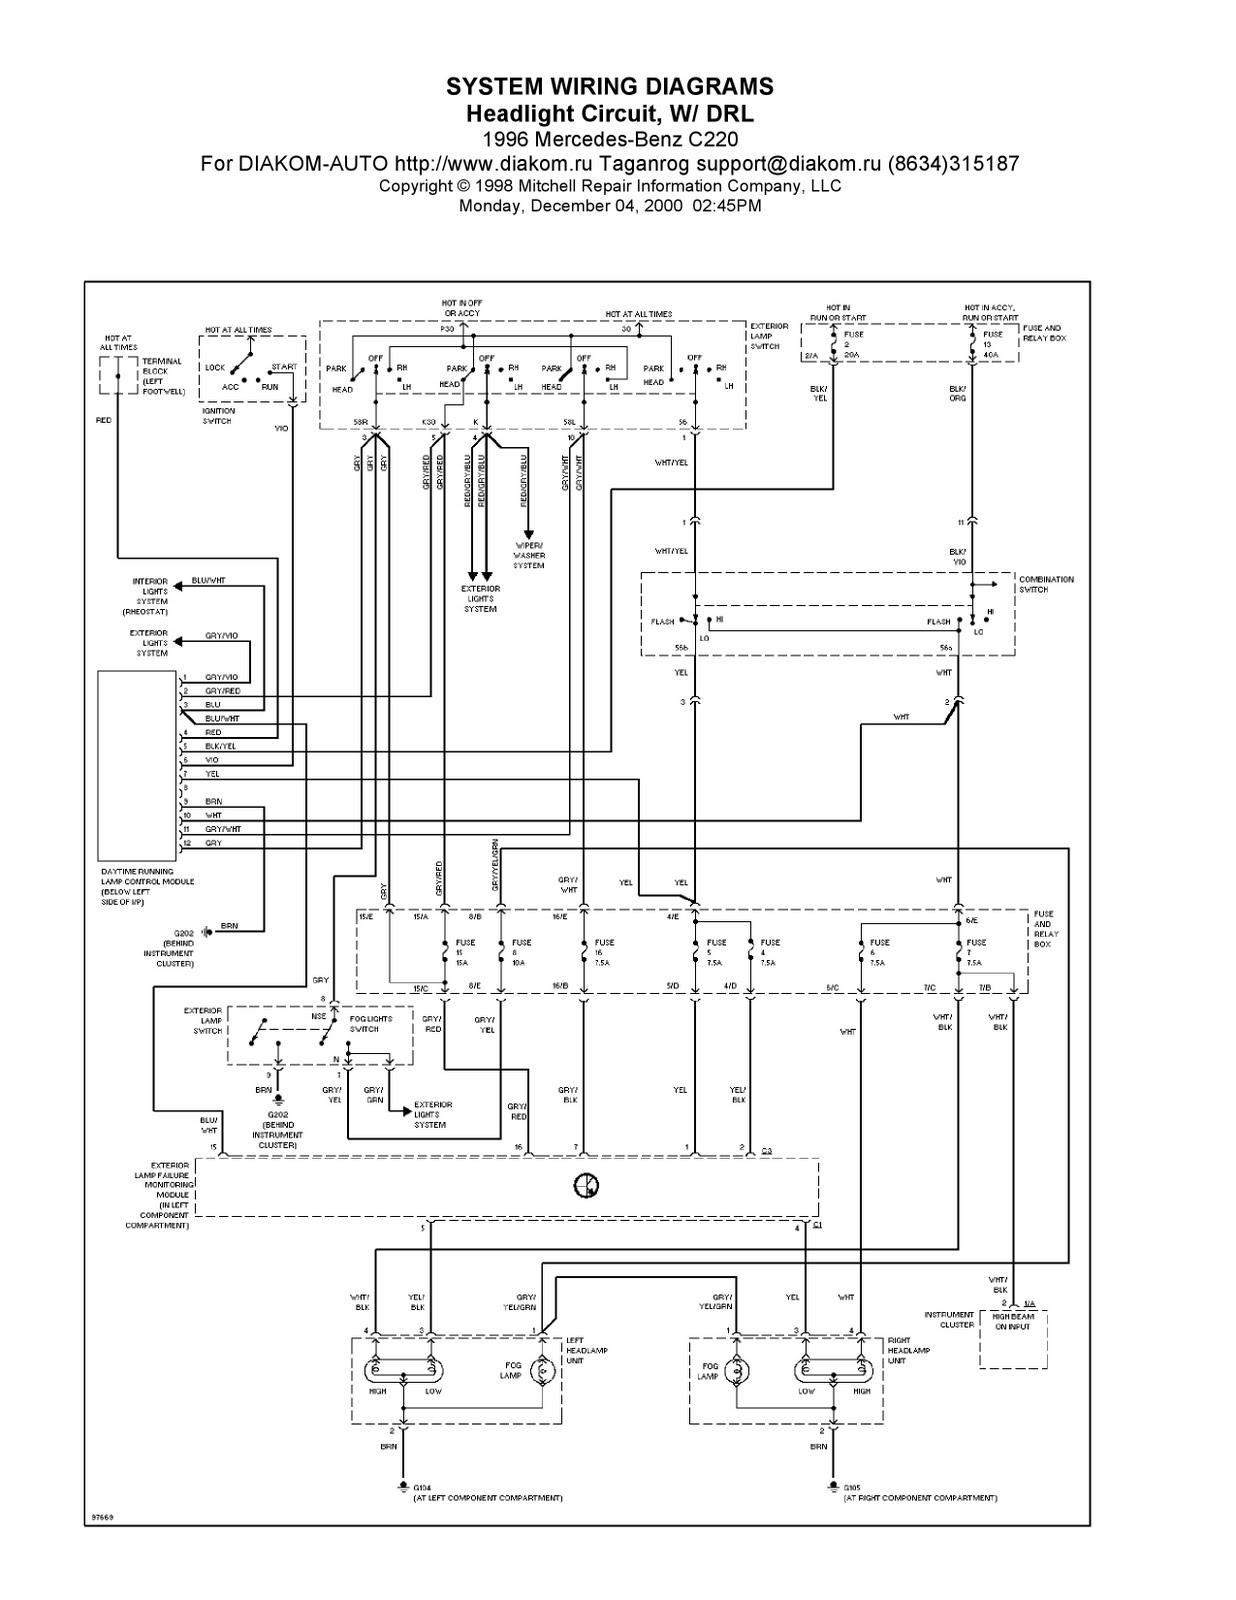 Wiring Diagram Mercedes W202 | Online Wiring Diagram